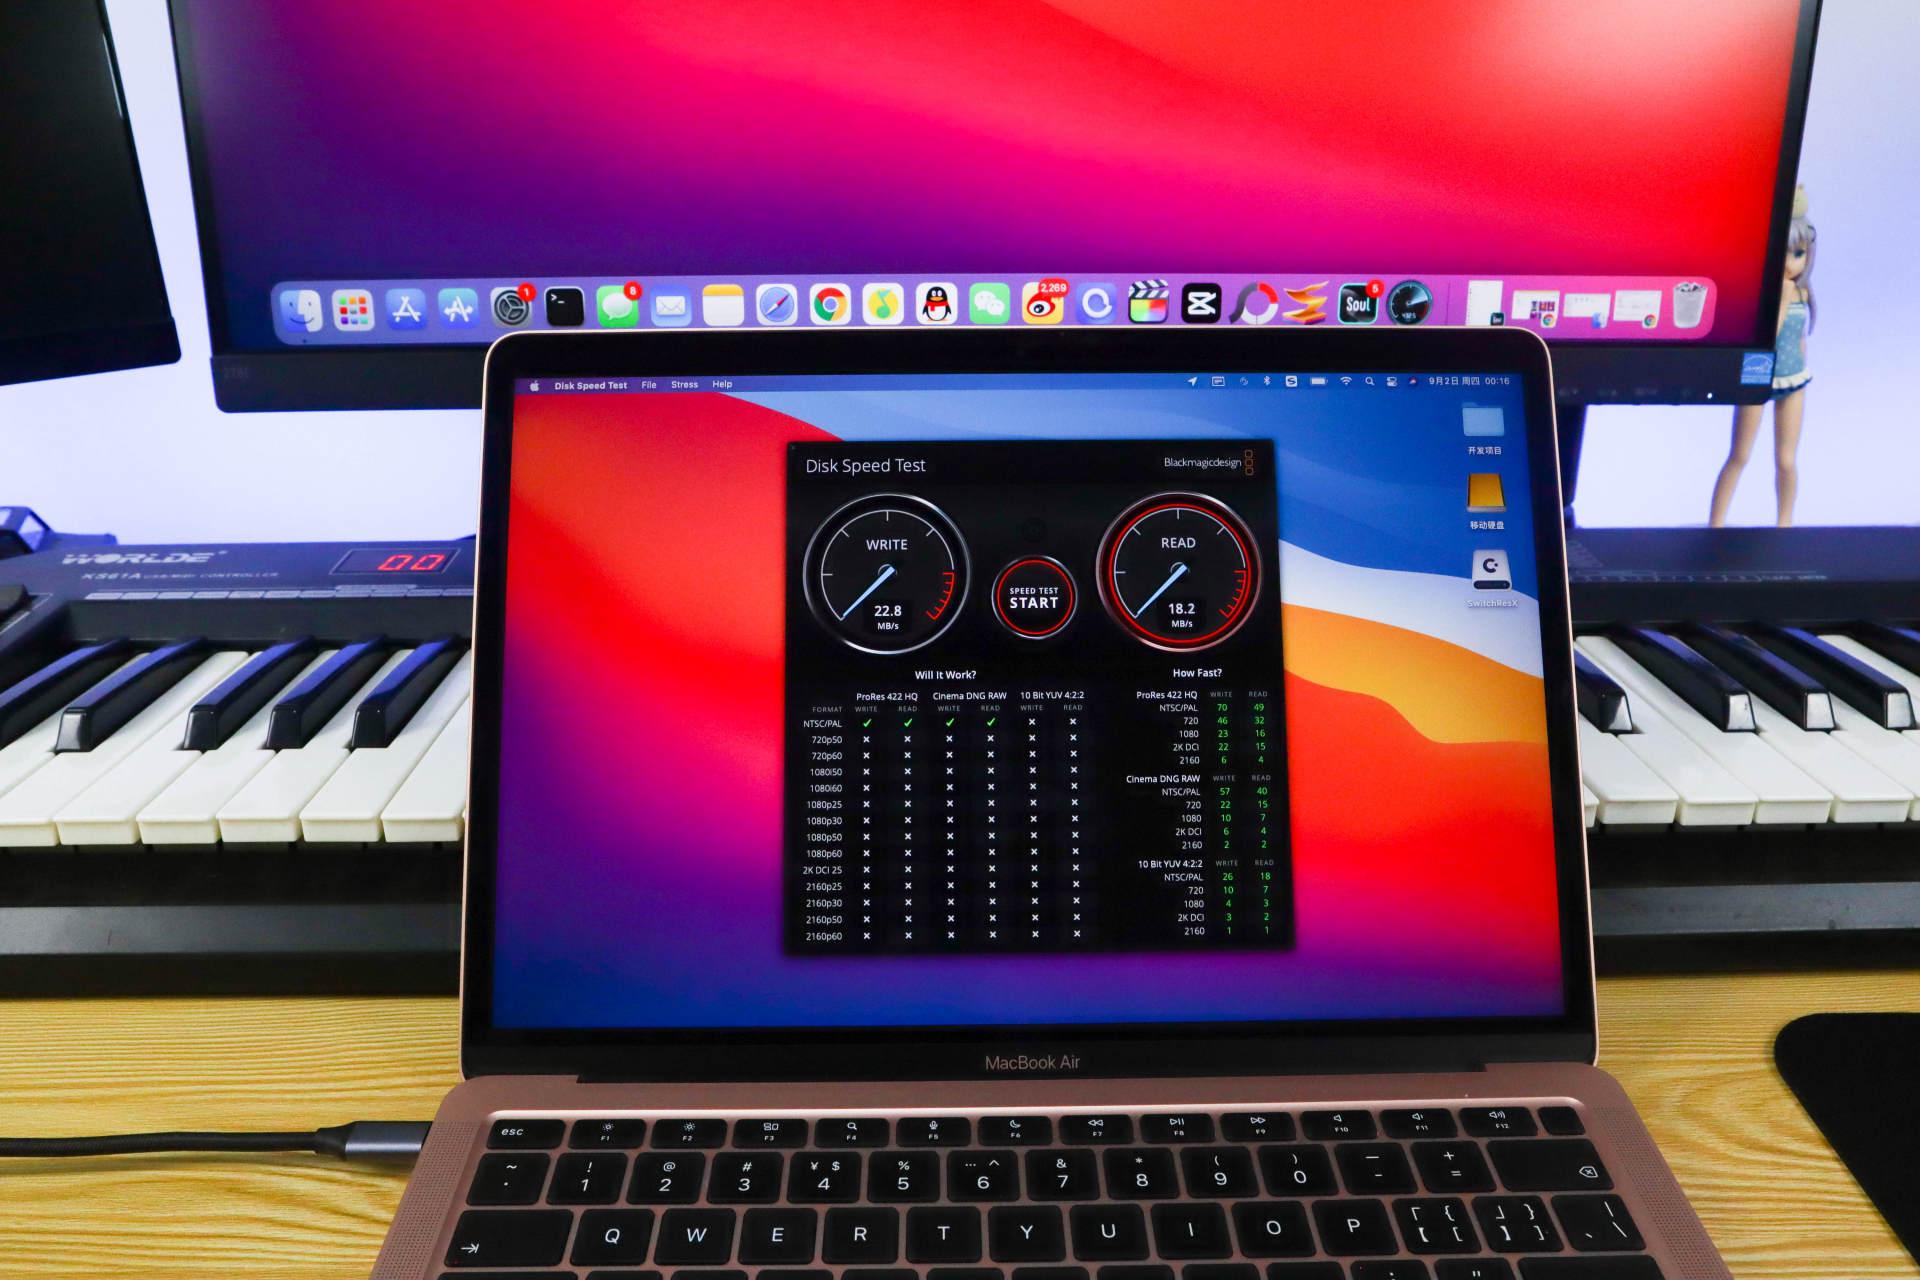 苹果M1电脑用户的痛:绿联8K扩展坞解决烦恼